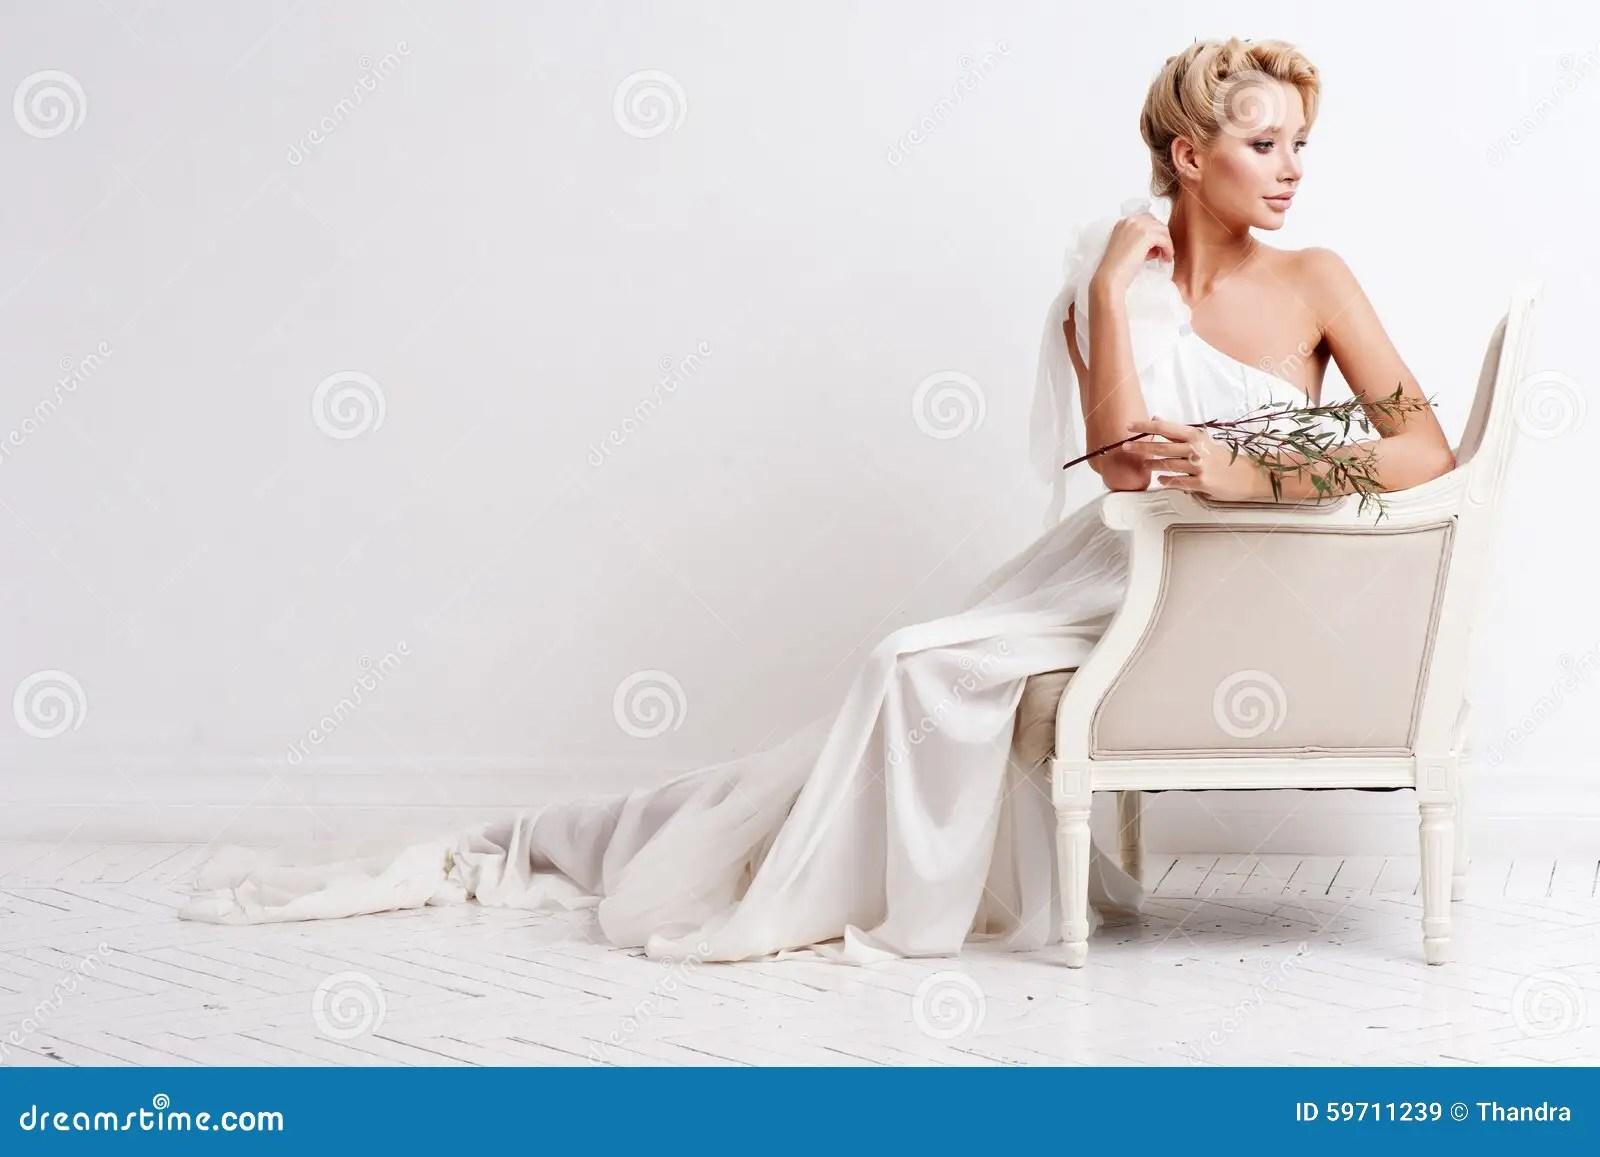 Wedding Makeup Stock Images 37768 Photos